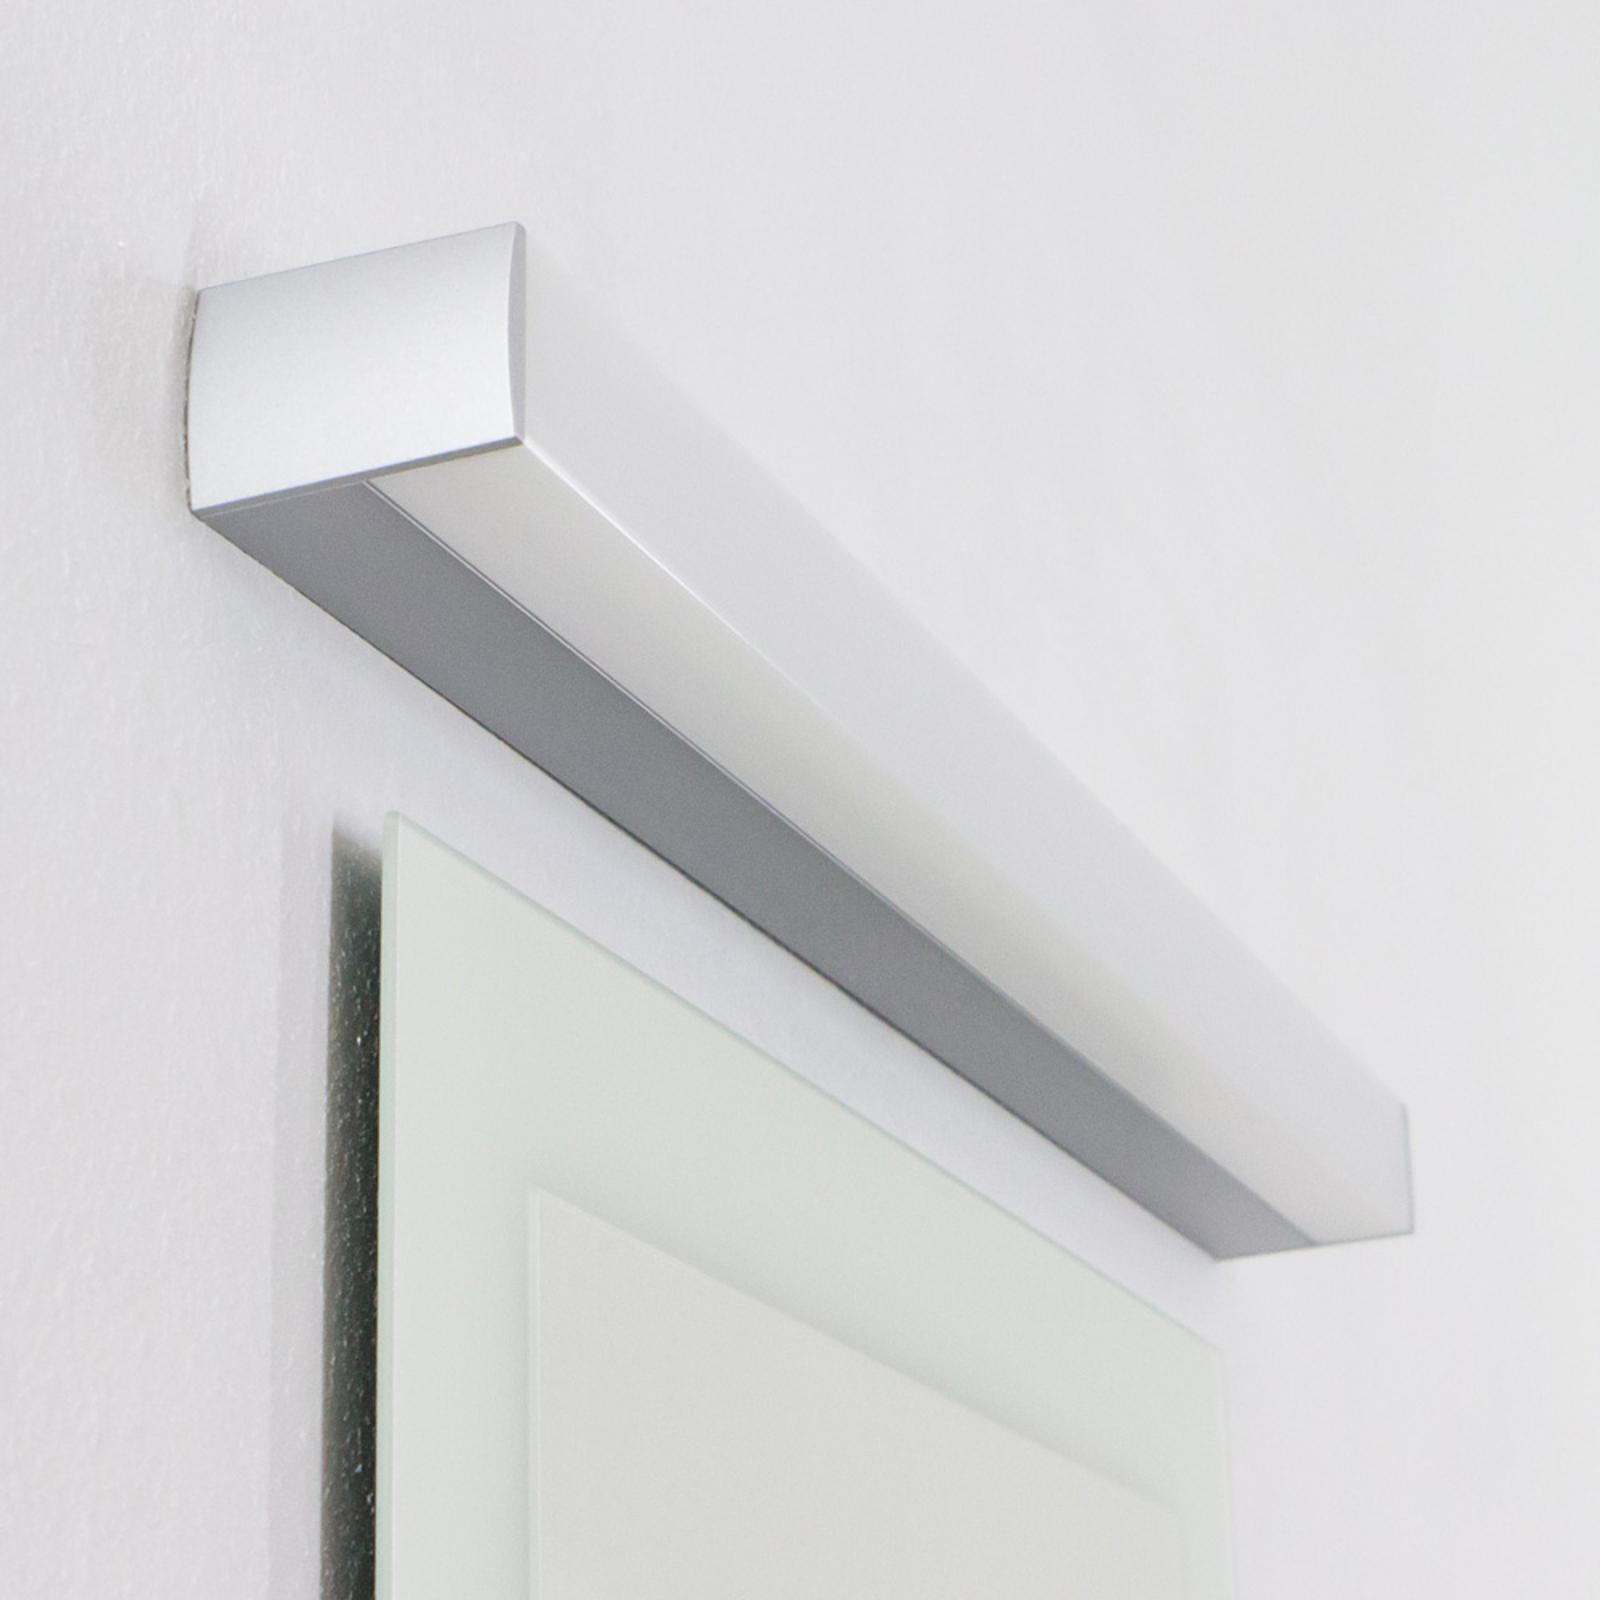 LED-vägglampa Seno för spegeln i badrummet 53,6 cm